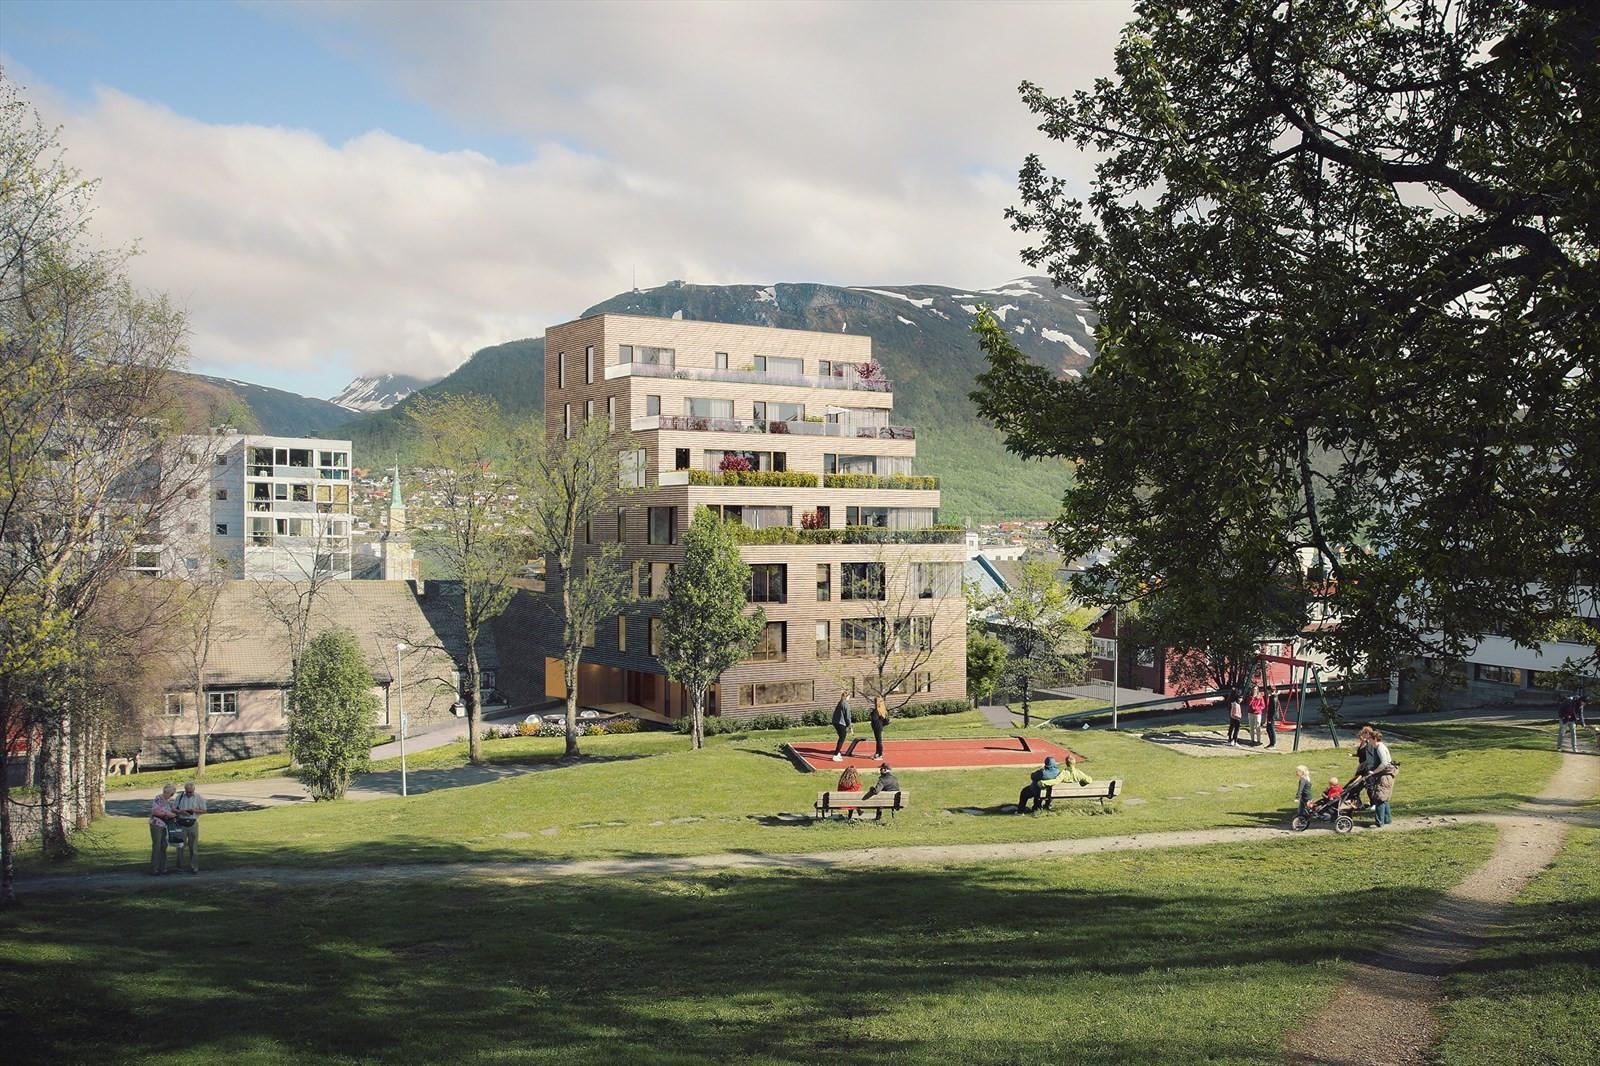 Kongsparken vil få flotte uteområder og grøntareal rett utenfor bygget. Utbygger påkoster nytt lekeområdet samt oppgradere trappen i Kongsparken for helårs bruk.